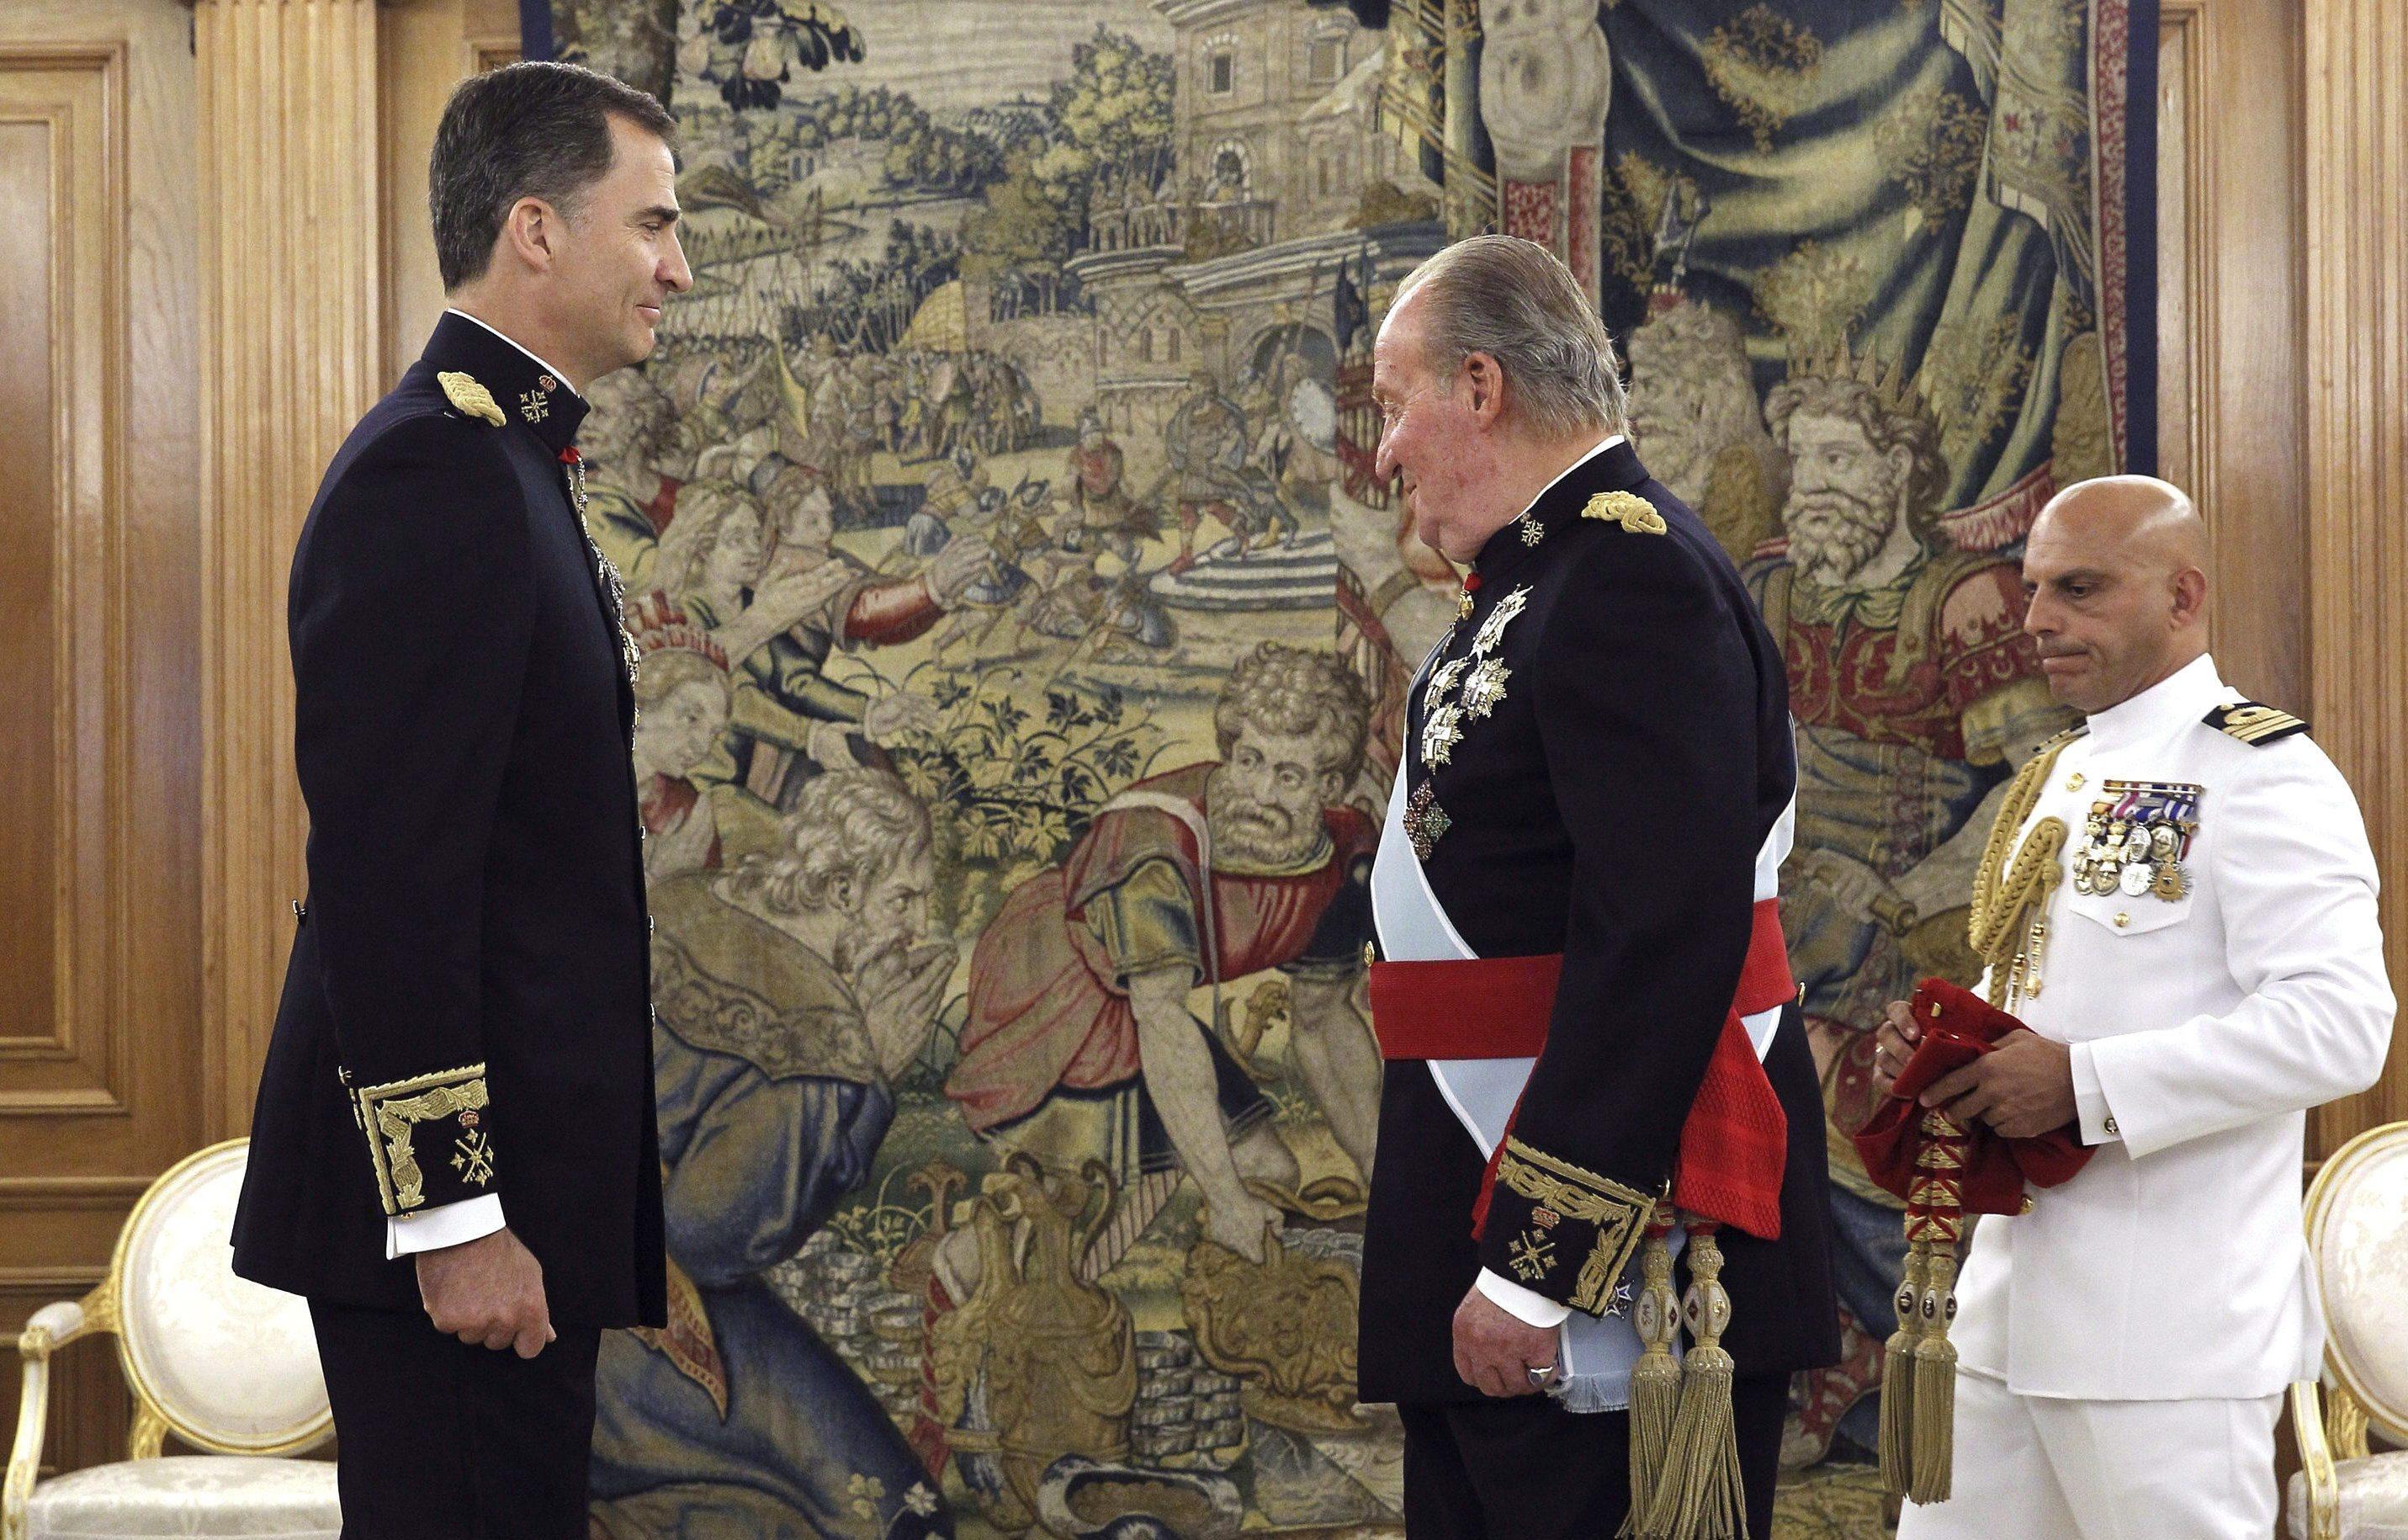 Новый король Испании Филипп VI и отрекшийся от престола его отец Хуан Карлос I во время церемонии коронации